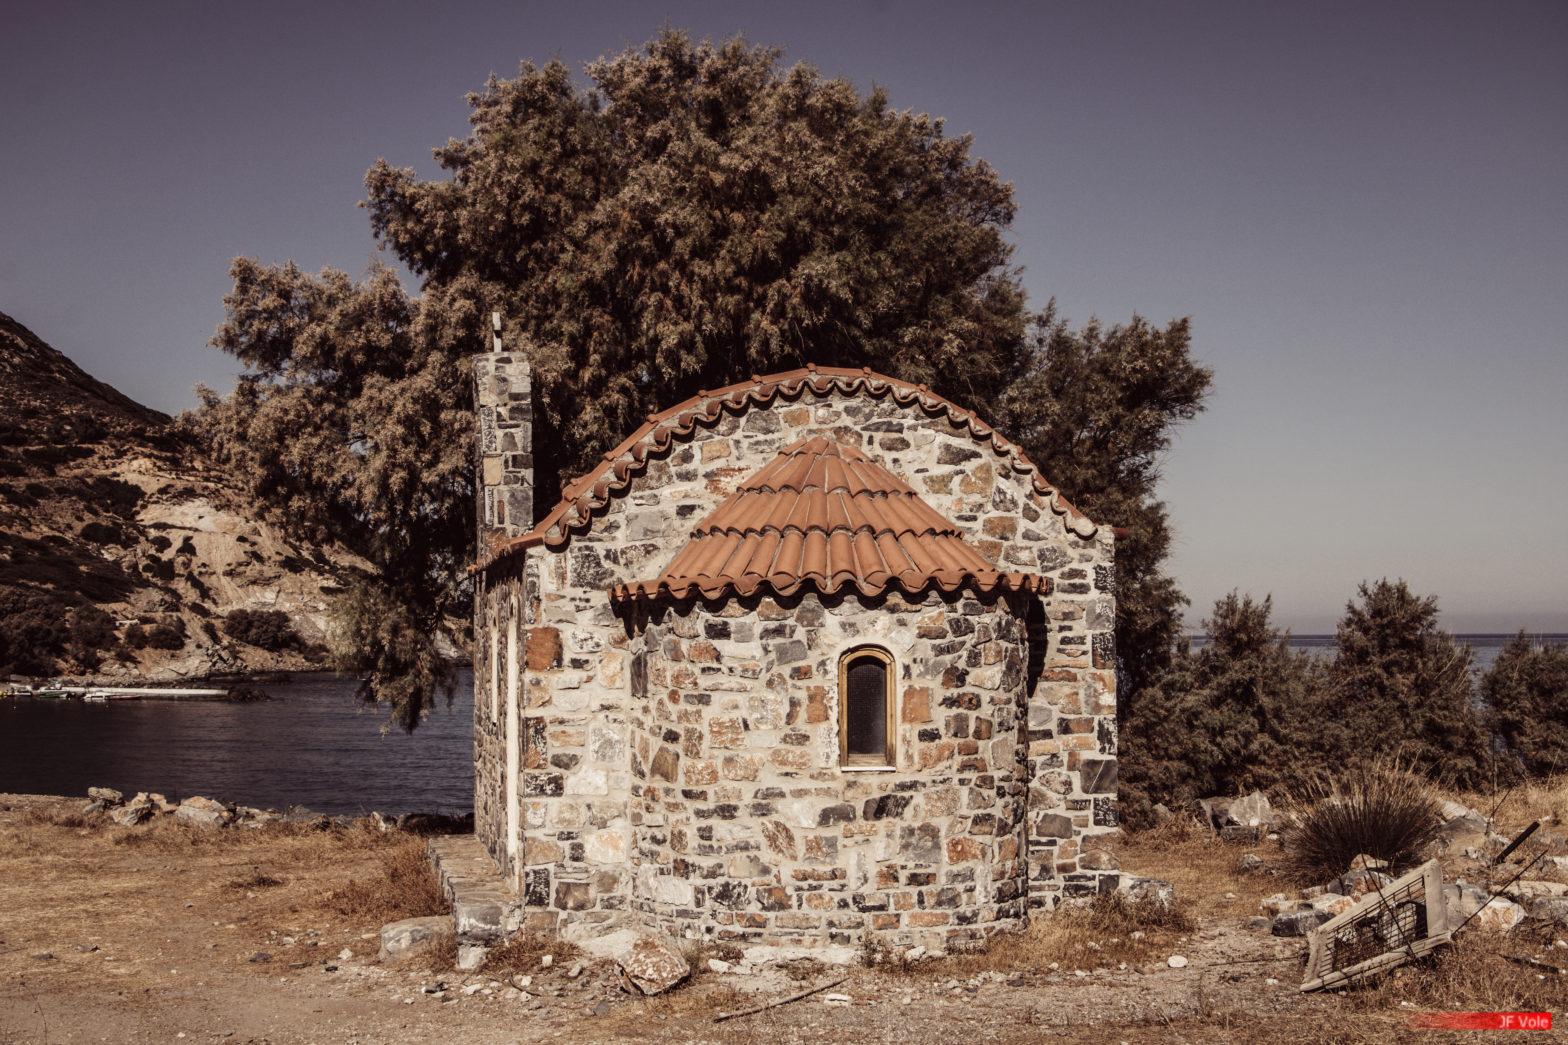 Saint-Basile 101a Fódele, Crète. Septembre 2019.